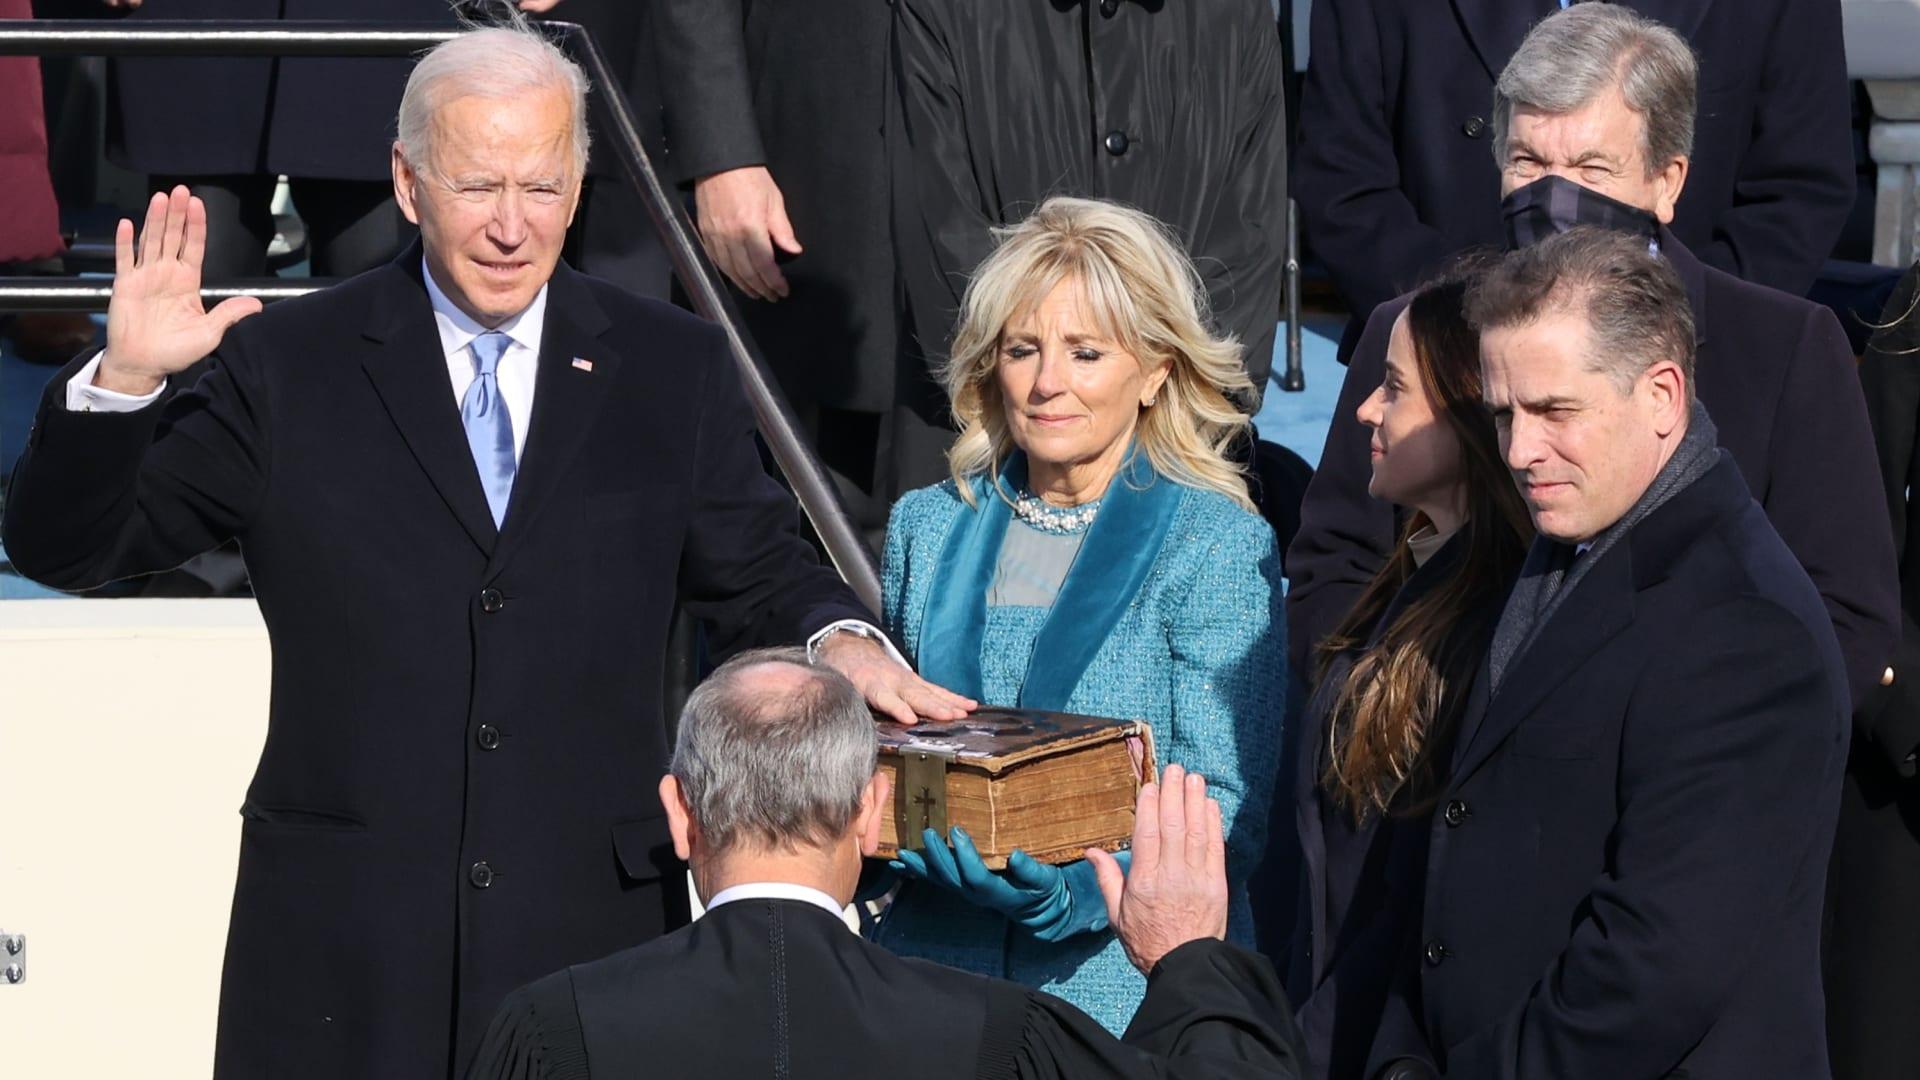 شاهد.. لحظة أداء بايدن اليمين الدستورية رئيسا للولايات المتحدة